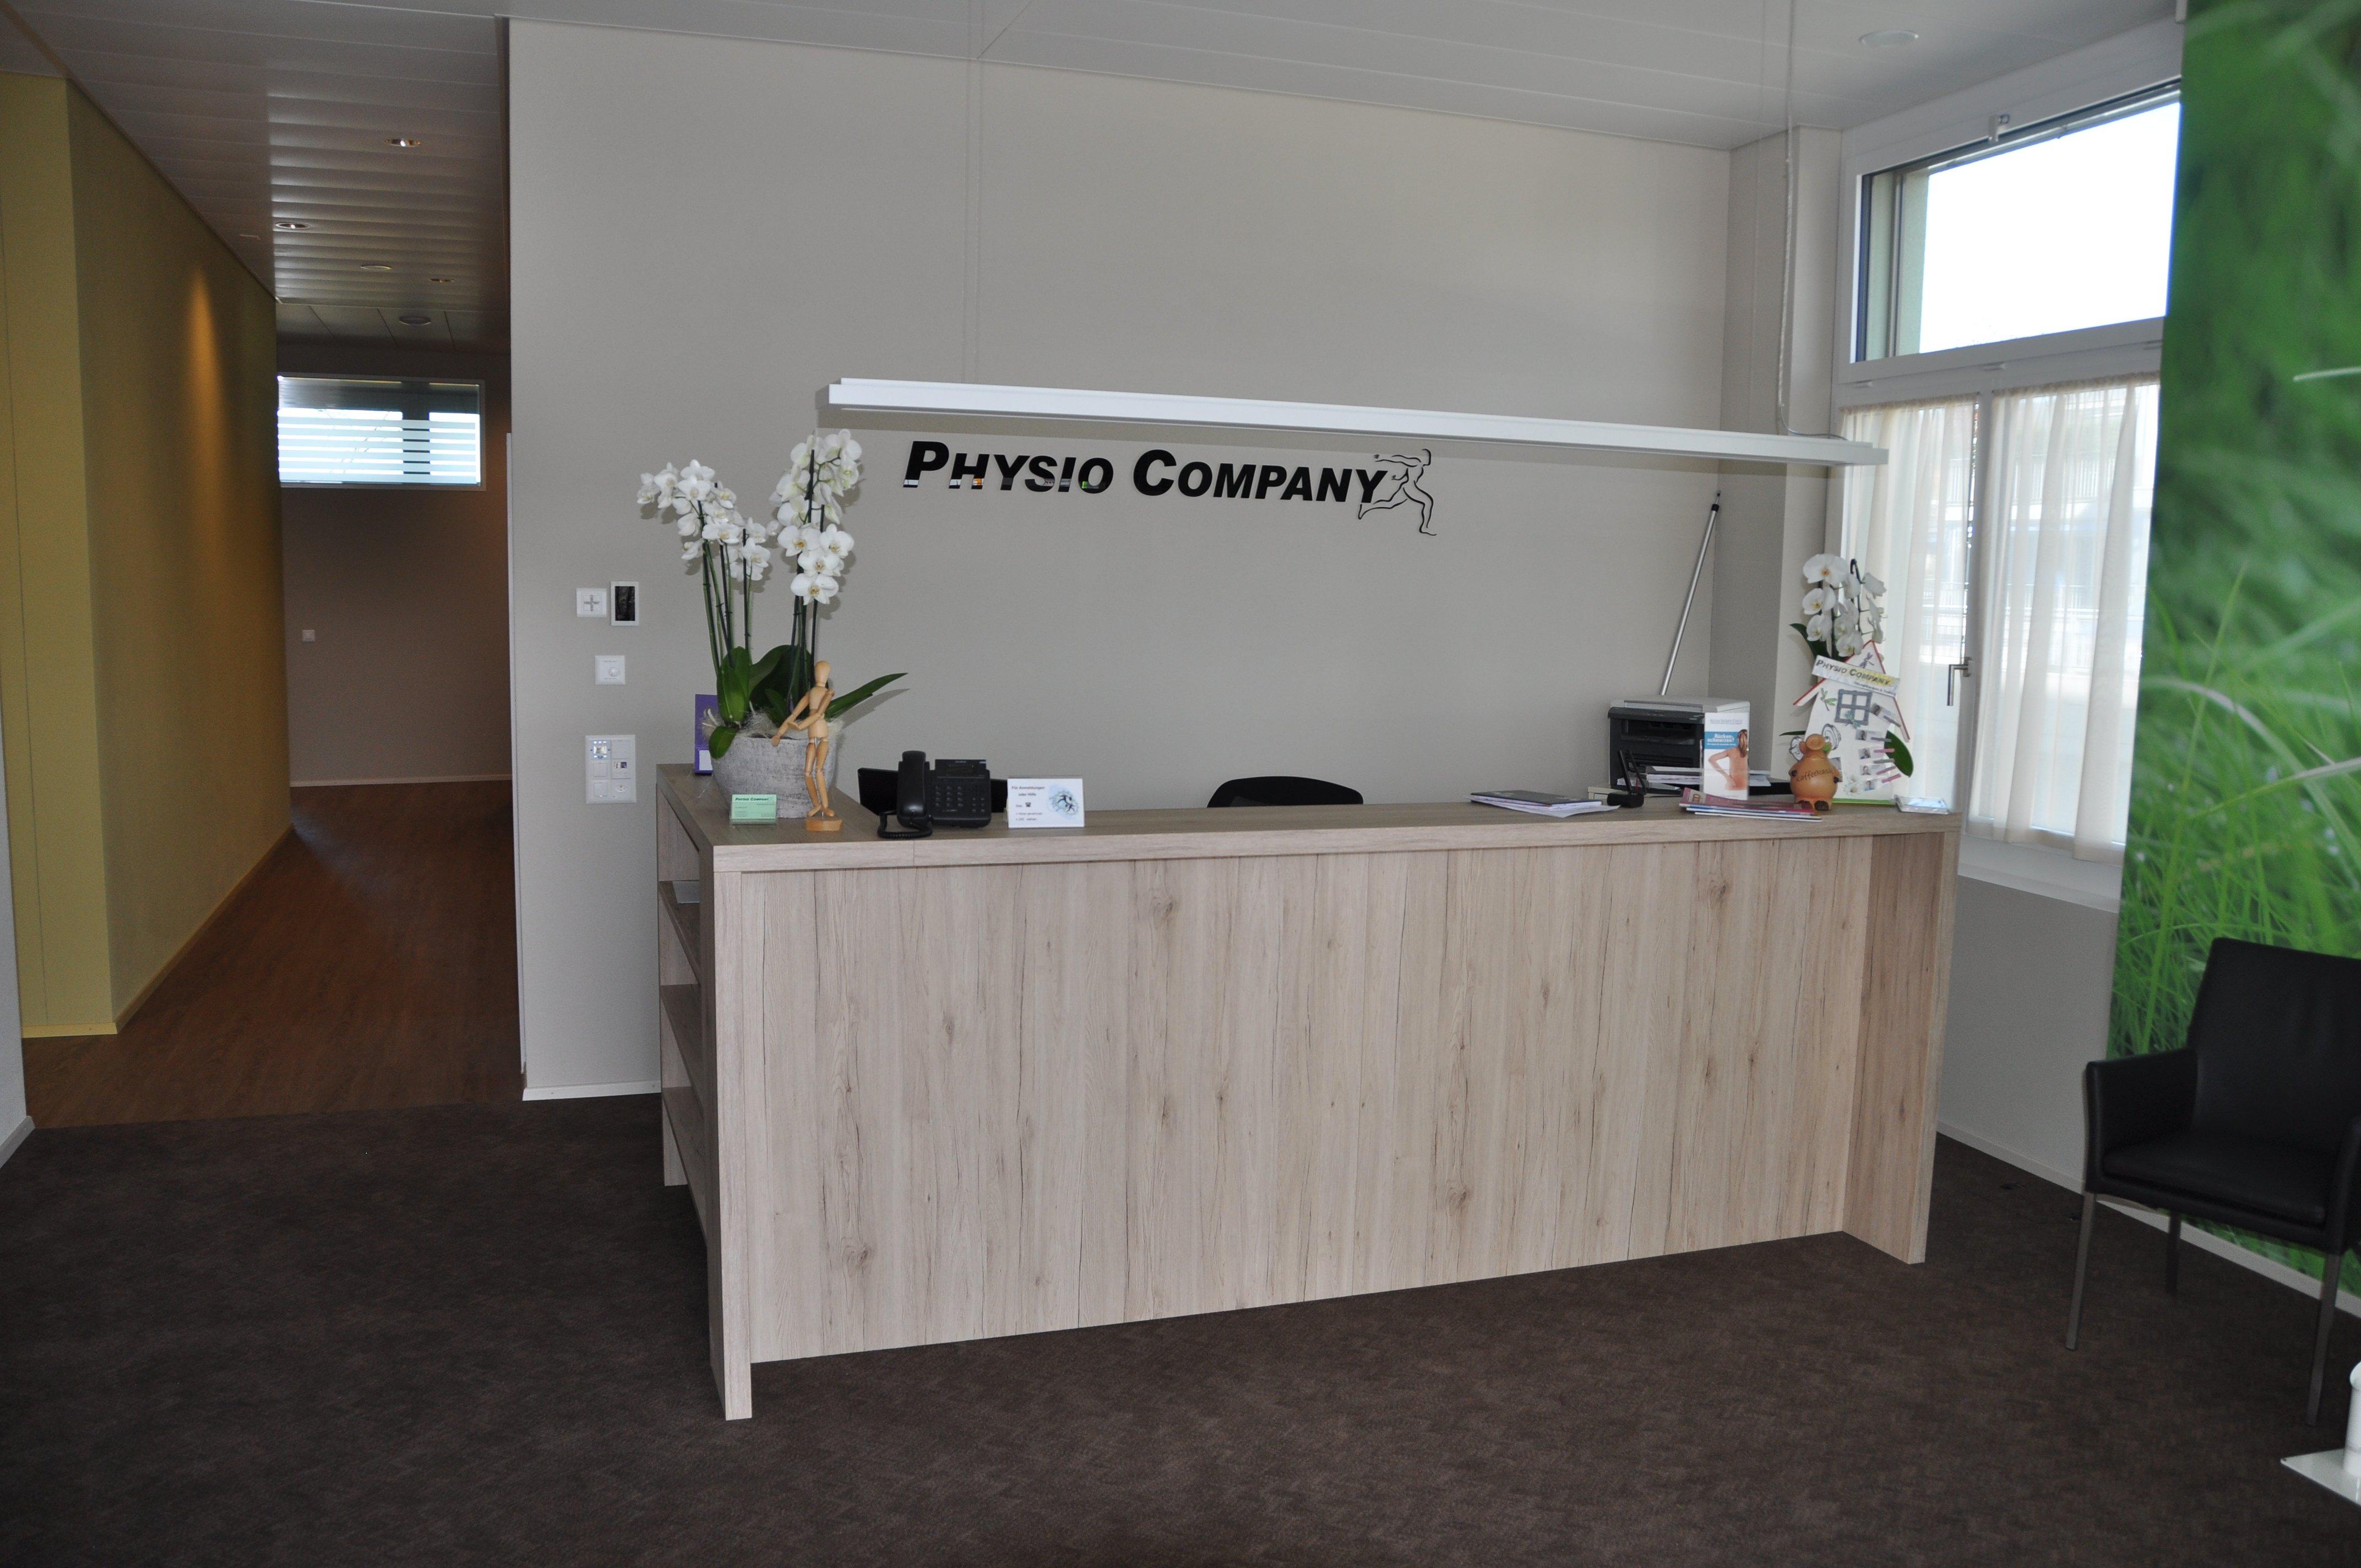 Physio Company